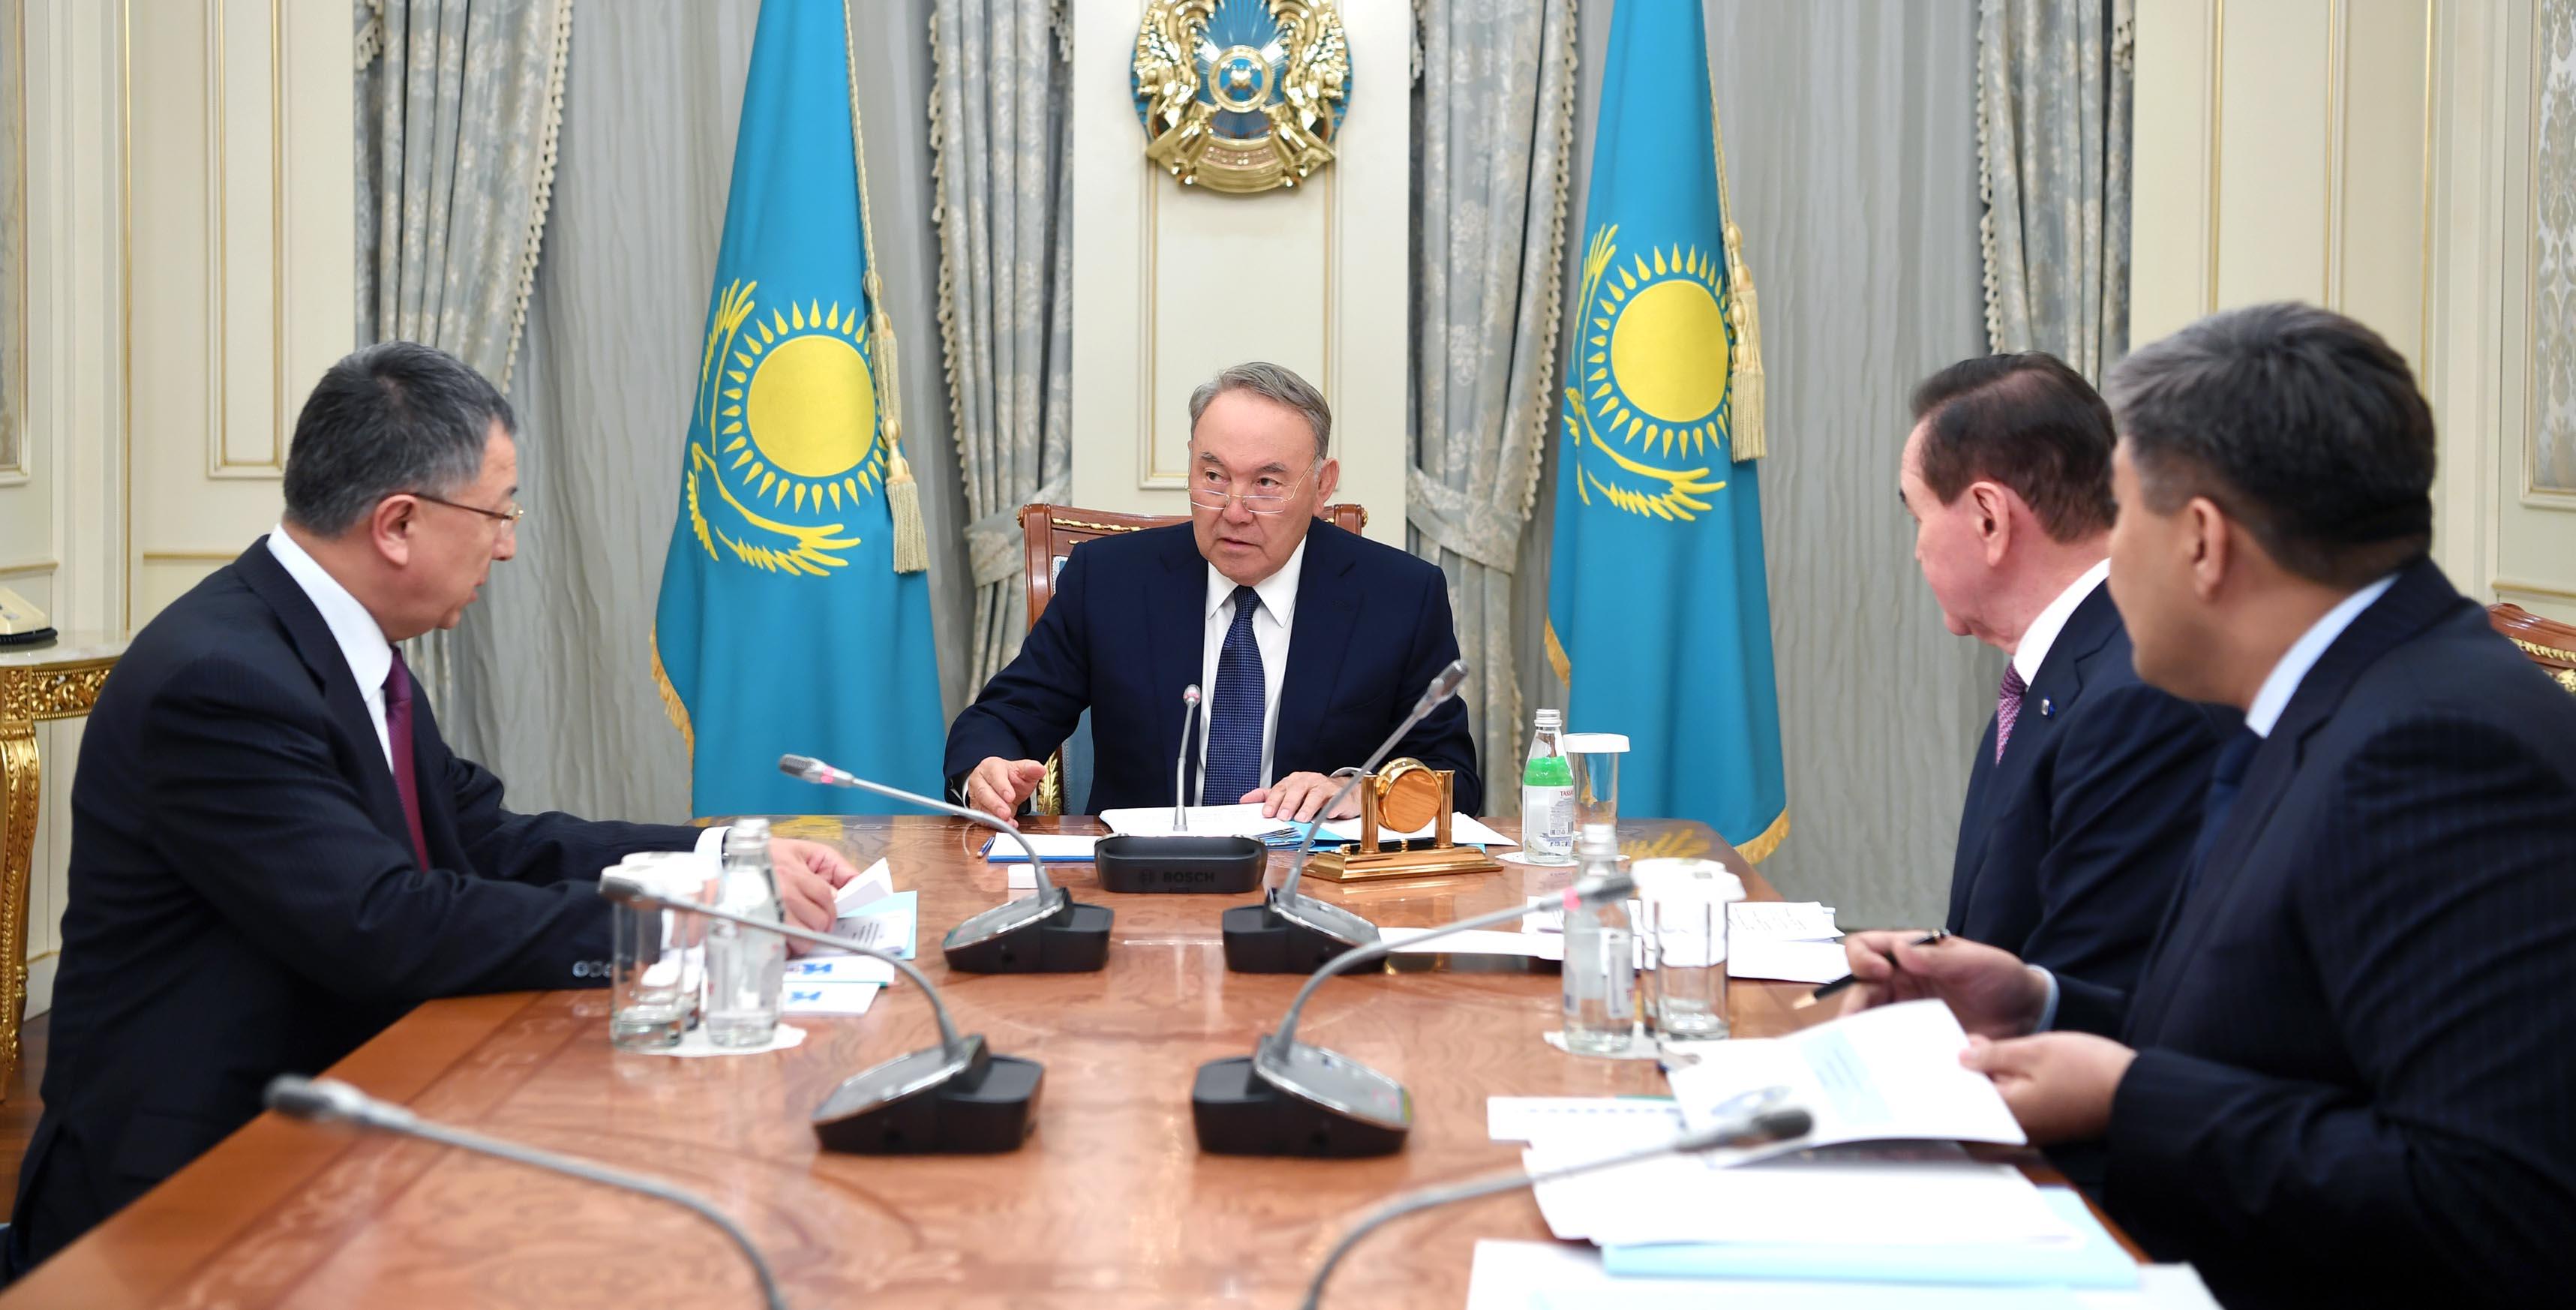 Елбасы поручил провести на должном уровне предстоящий юбилей Ассамблеи народа Казахстана